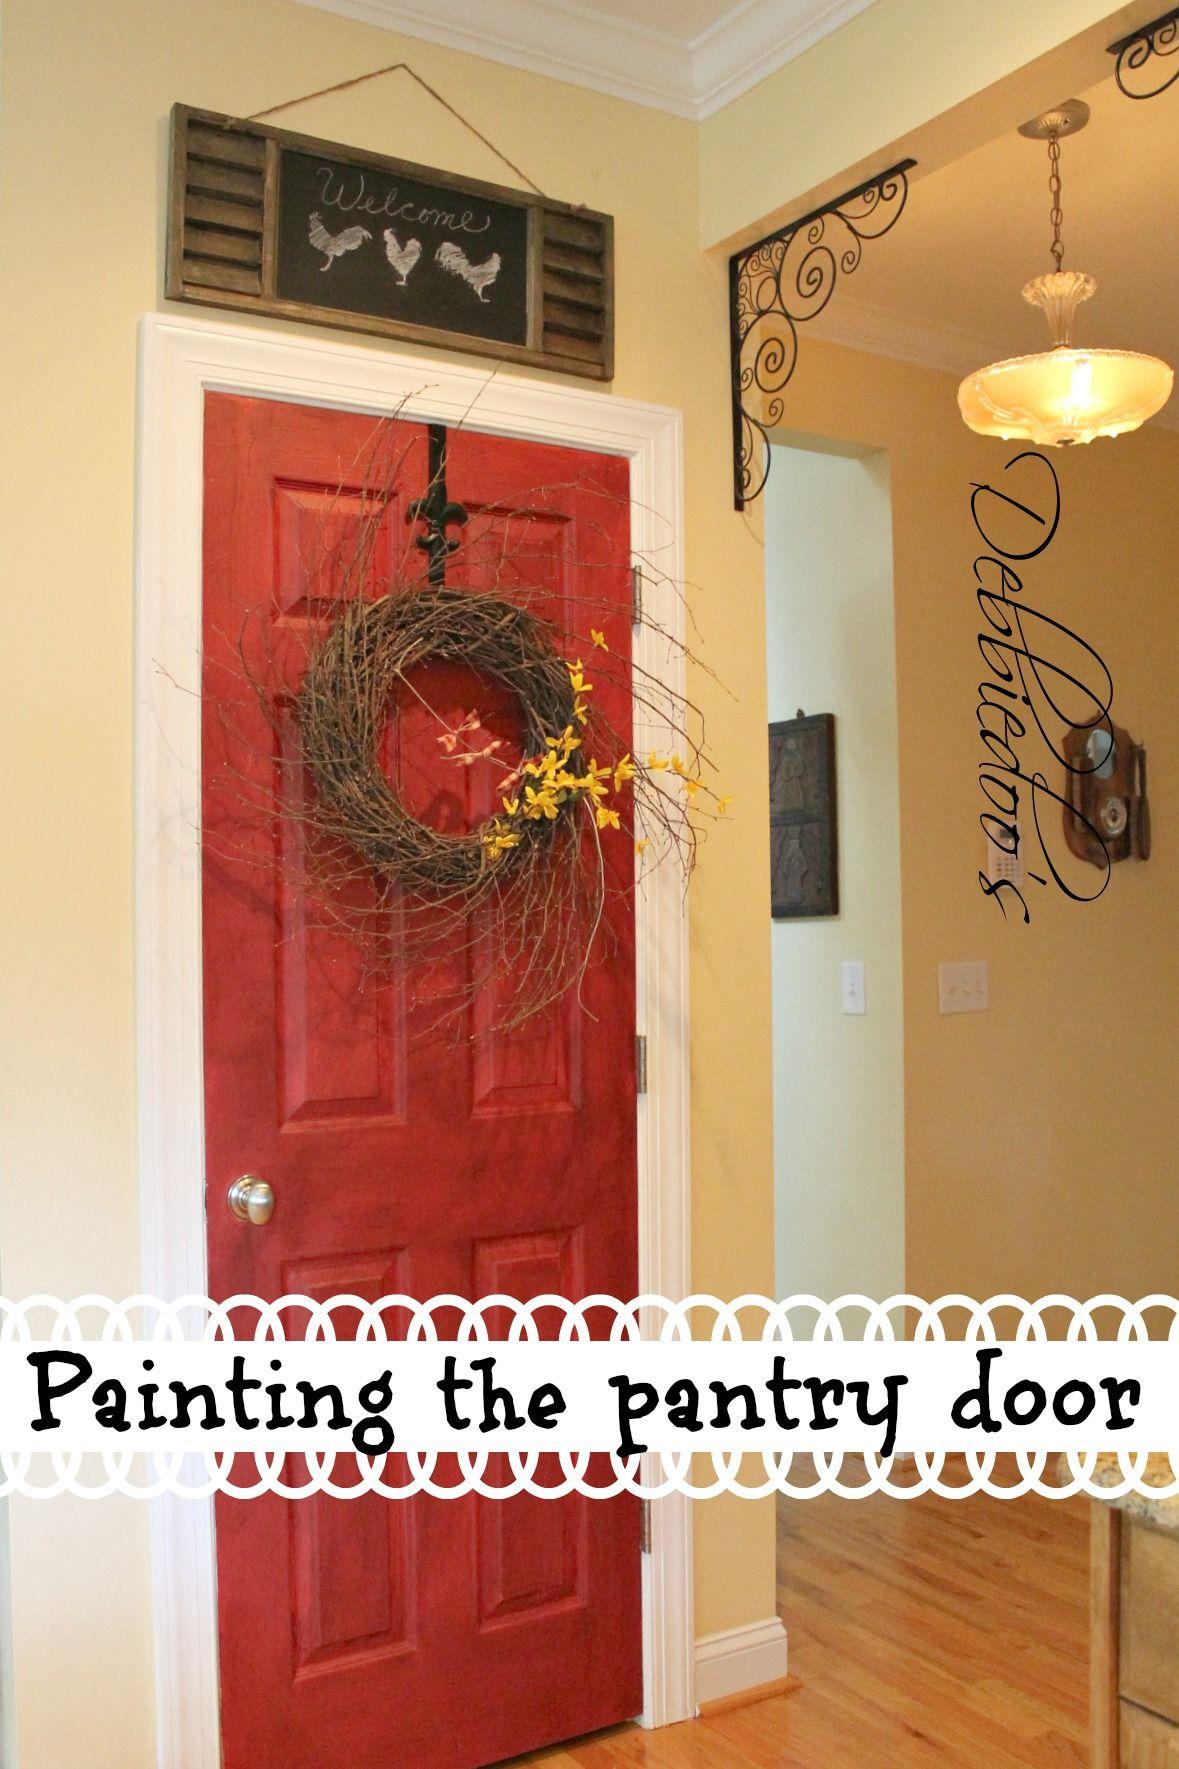 How To Paint Your Pantry Door Red Debbiedoos Pantry Door Painted Pantry Doors Painted Pantry